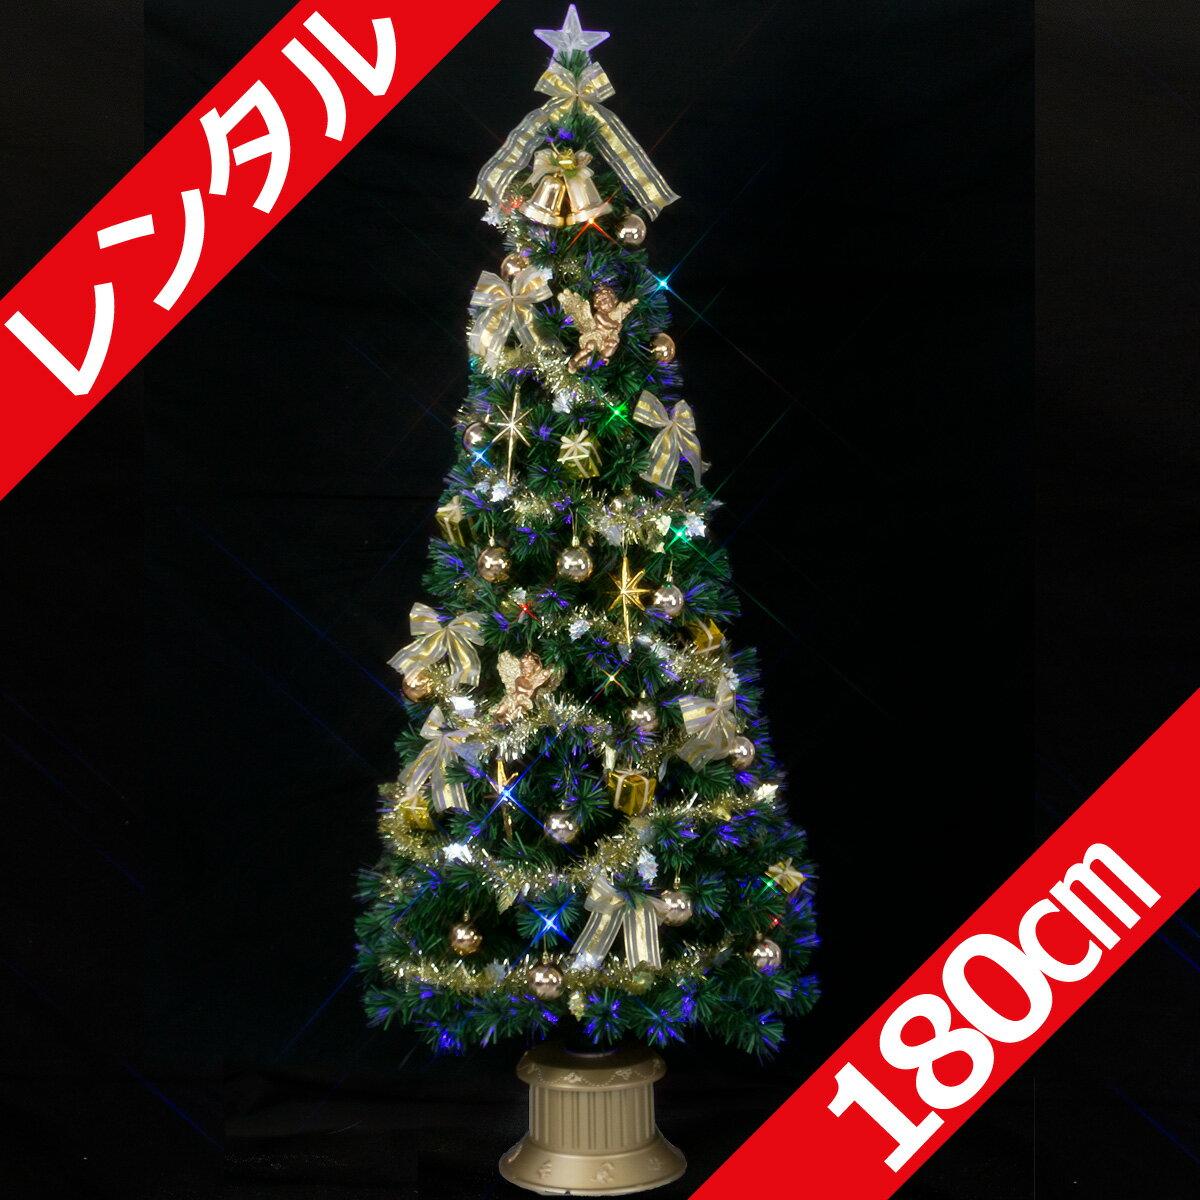 【レンタル】 クリスマスツリー セット 180cm グリーン LEDマルチ ファイバーツリー 【往復 送料無料】 クリスマスツリー レンタル fy16REN07